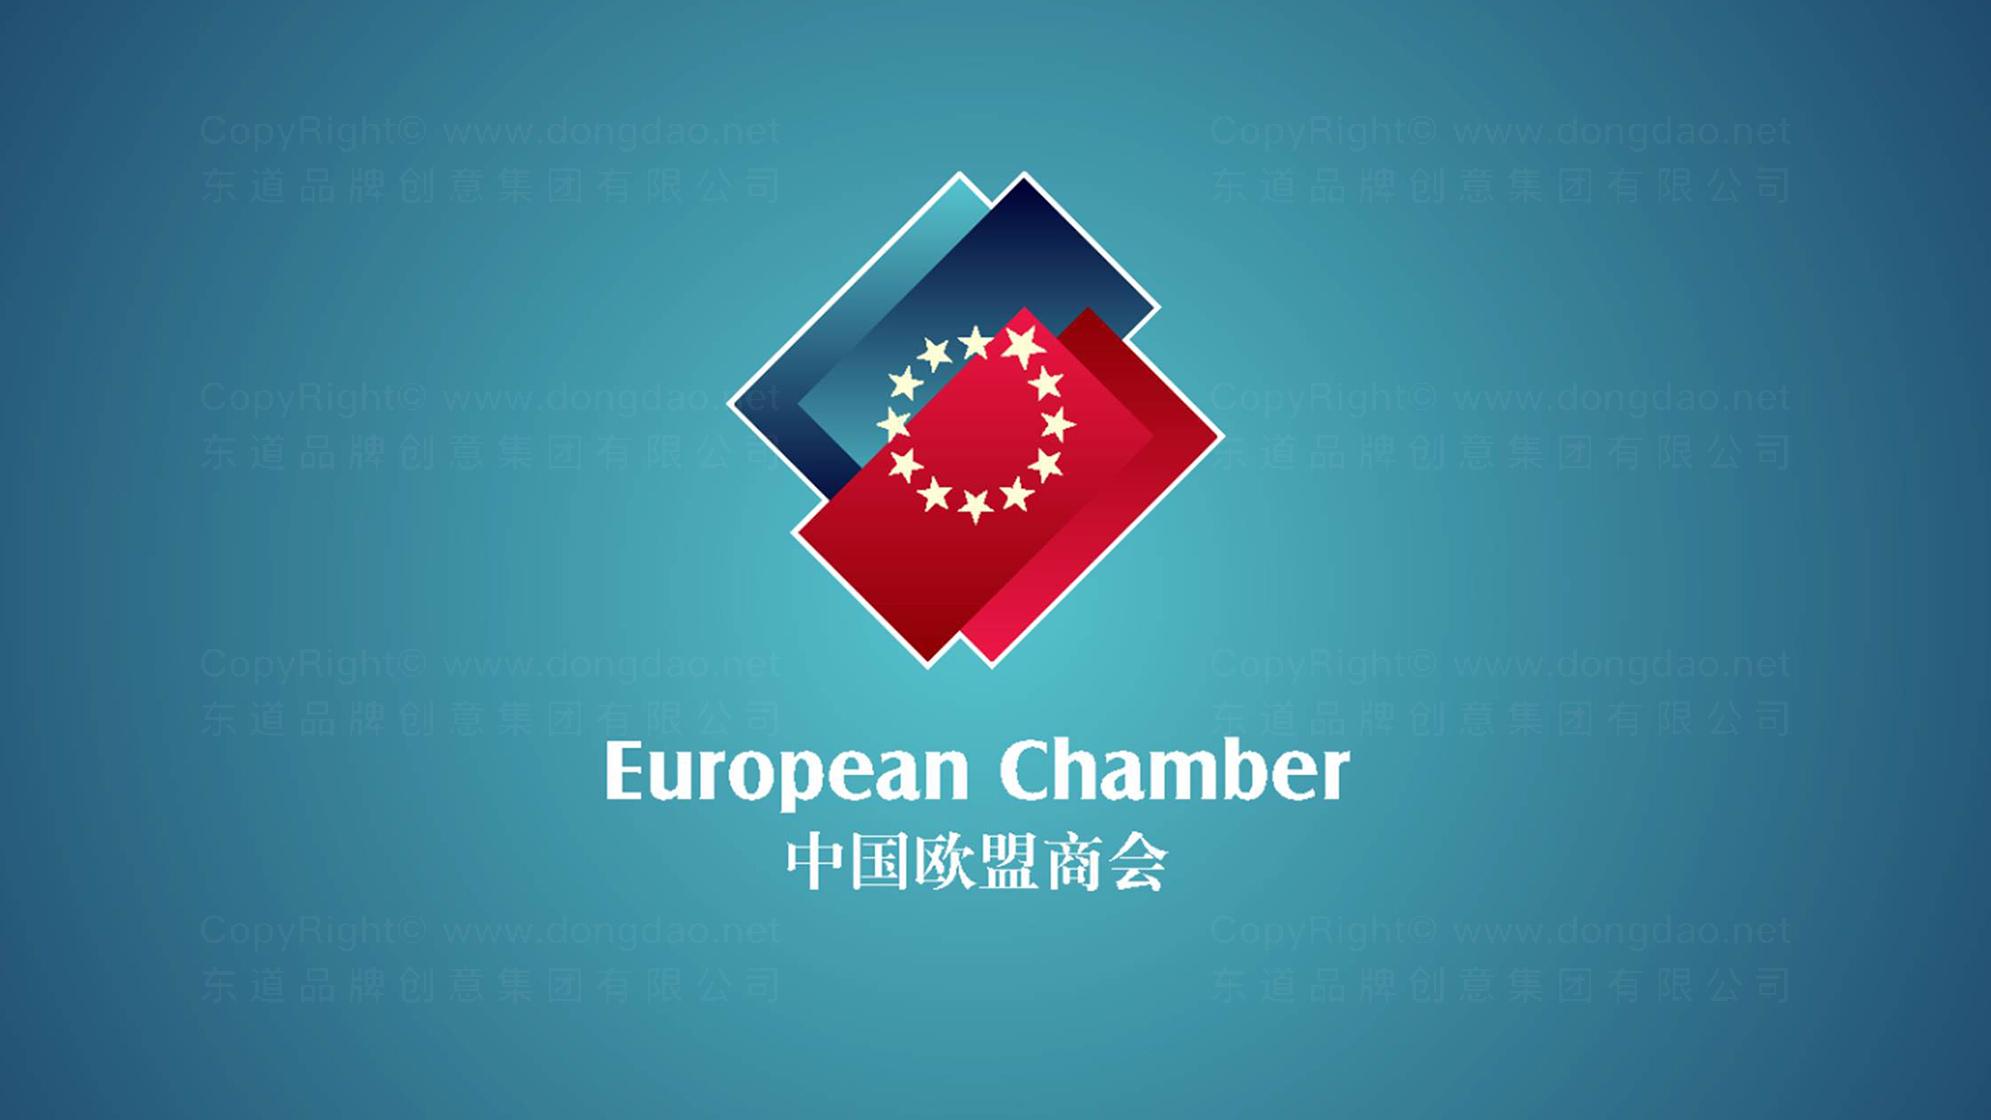 中国欧盟商会LOGO设计、VI设计